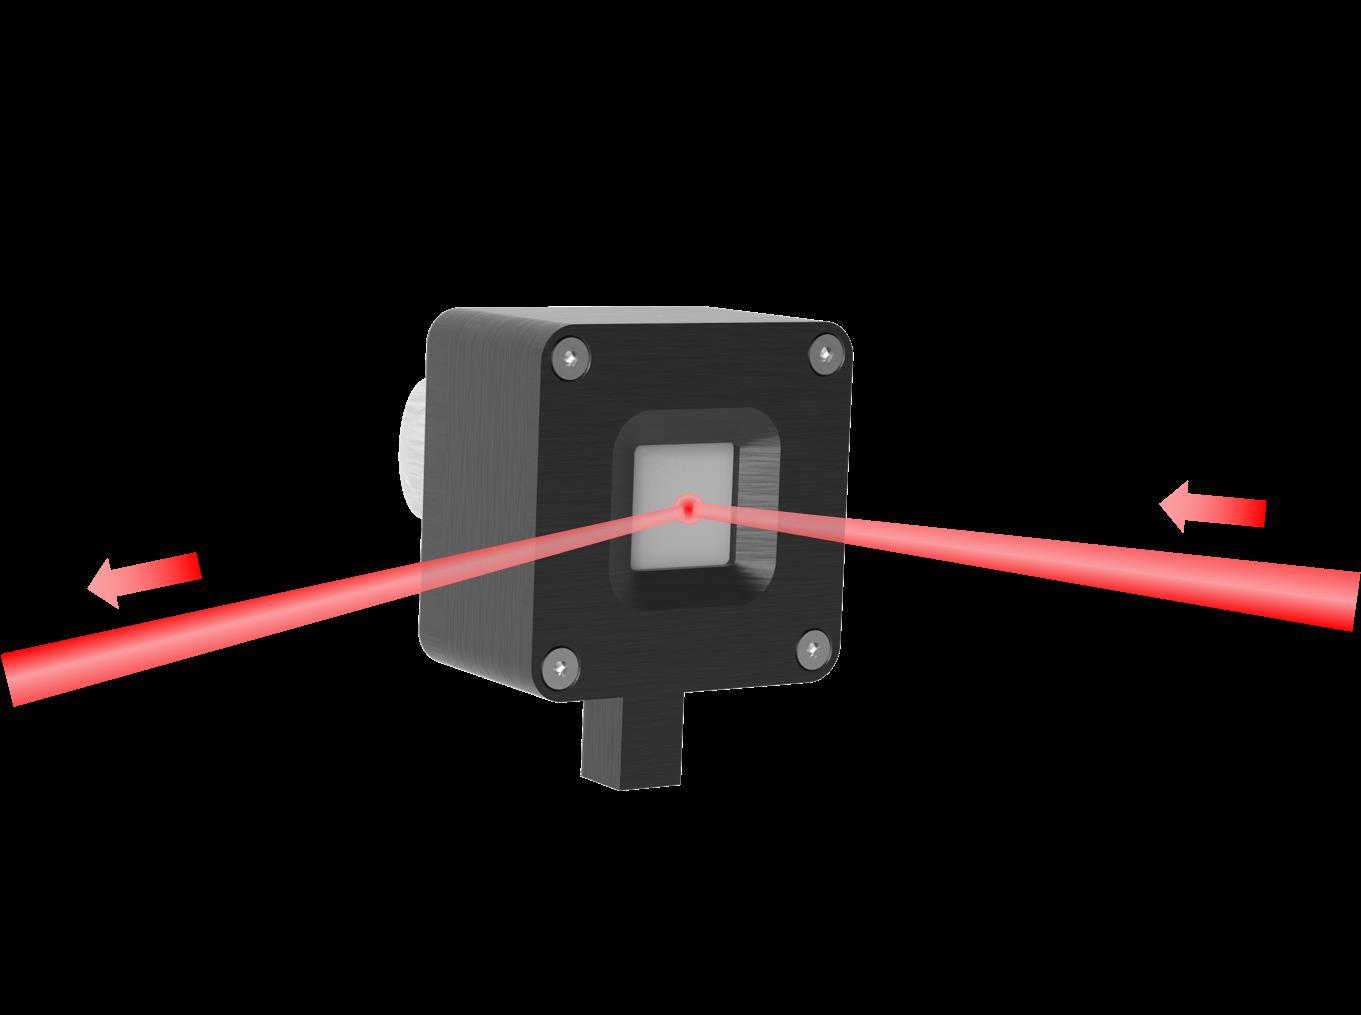 反射芯片夹具 示意图